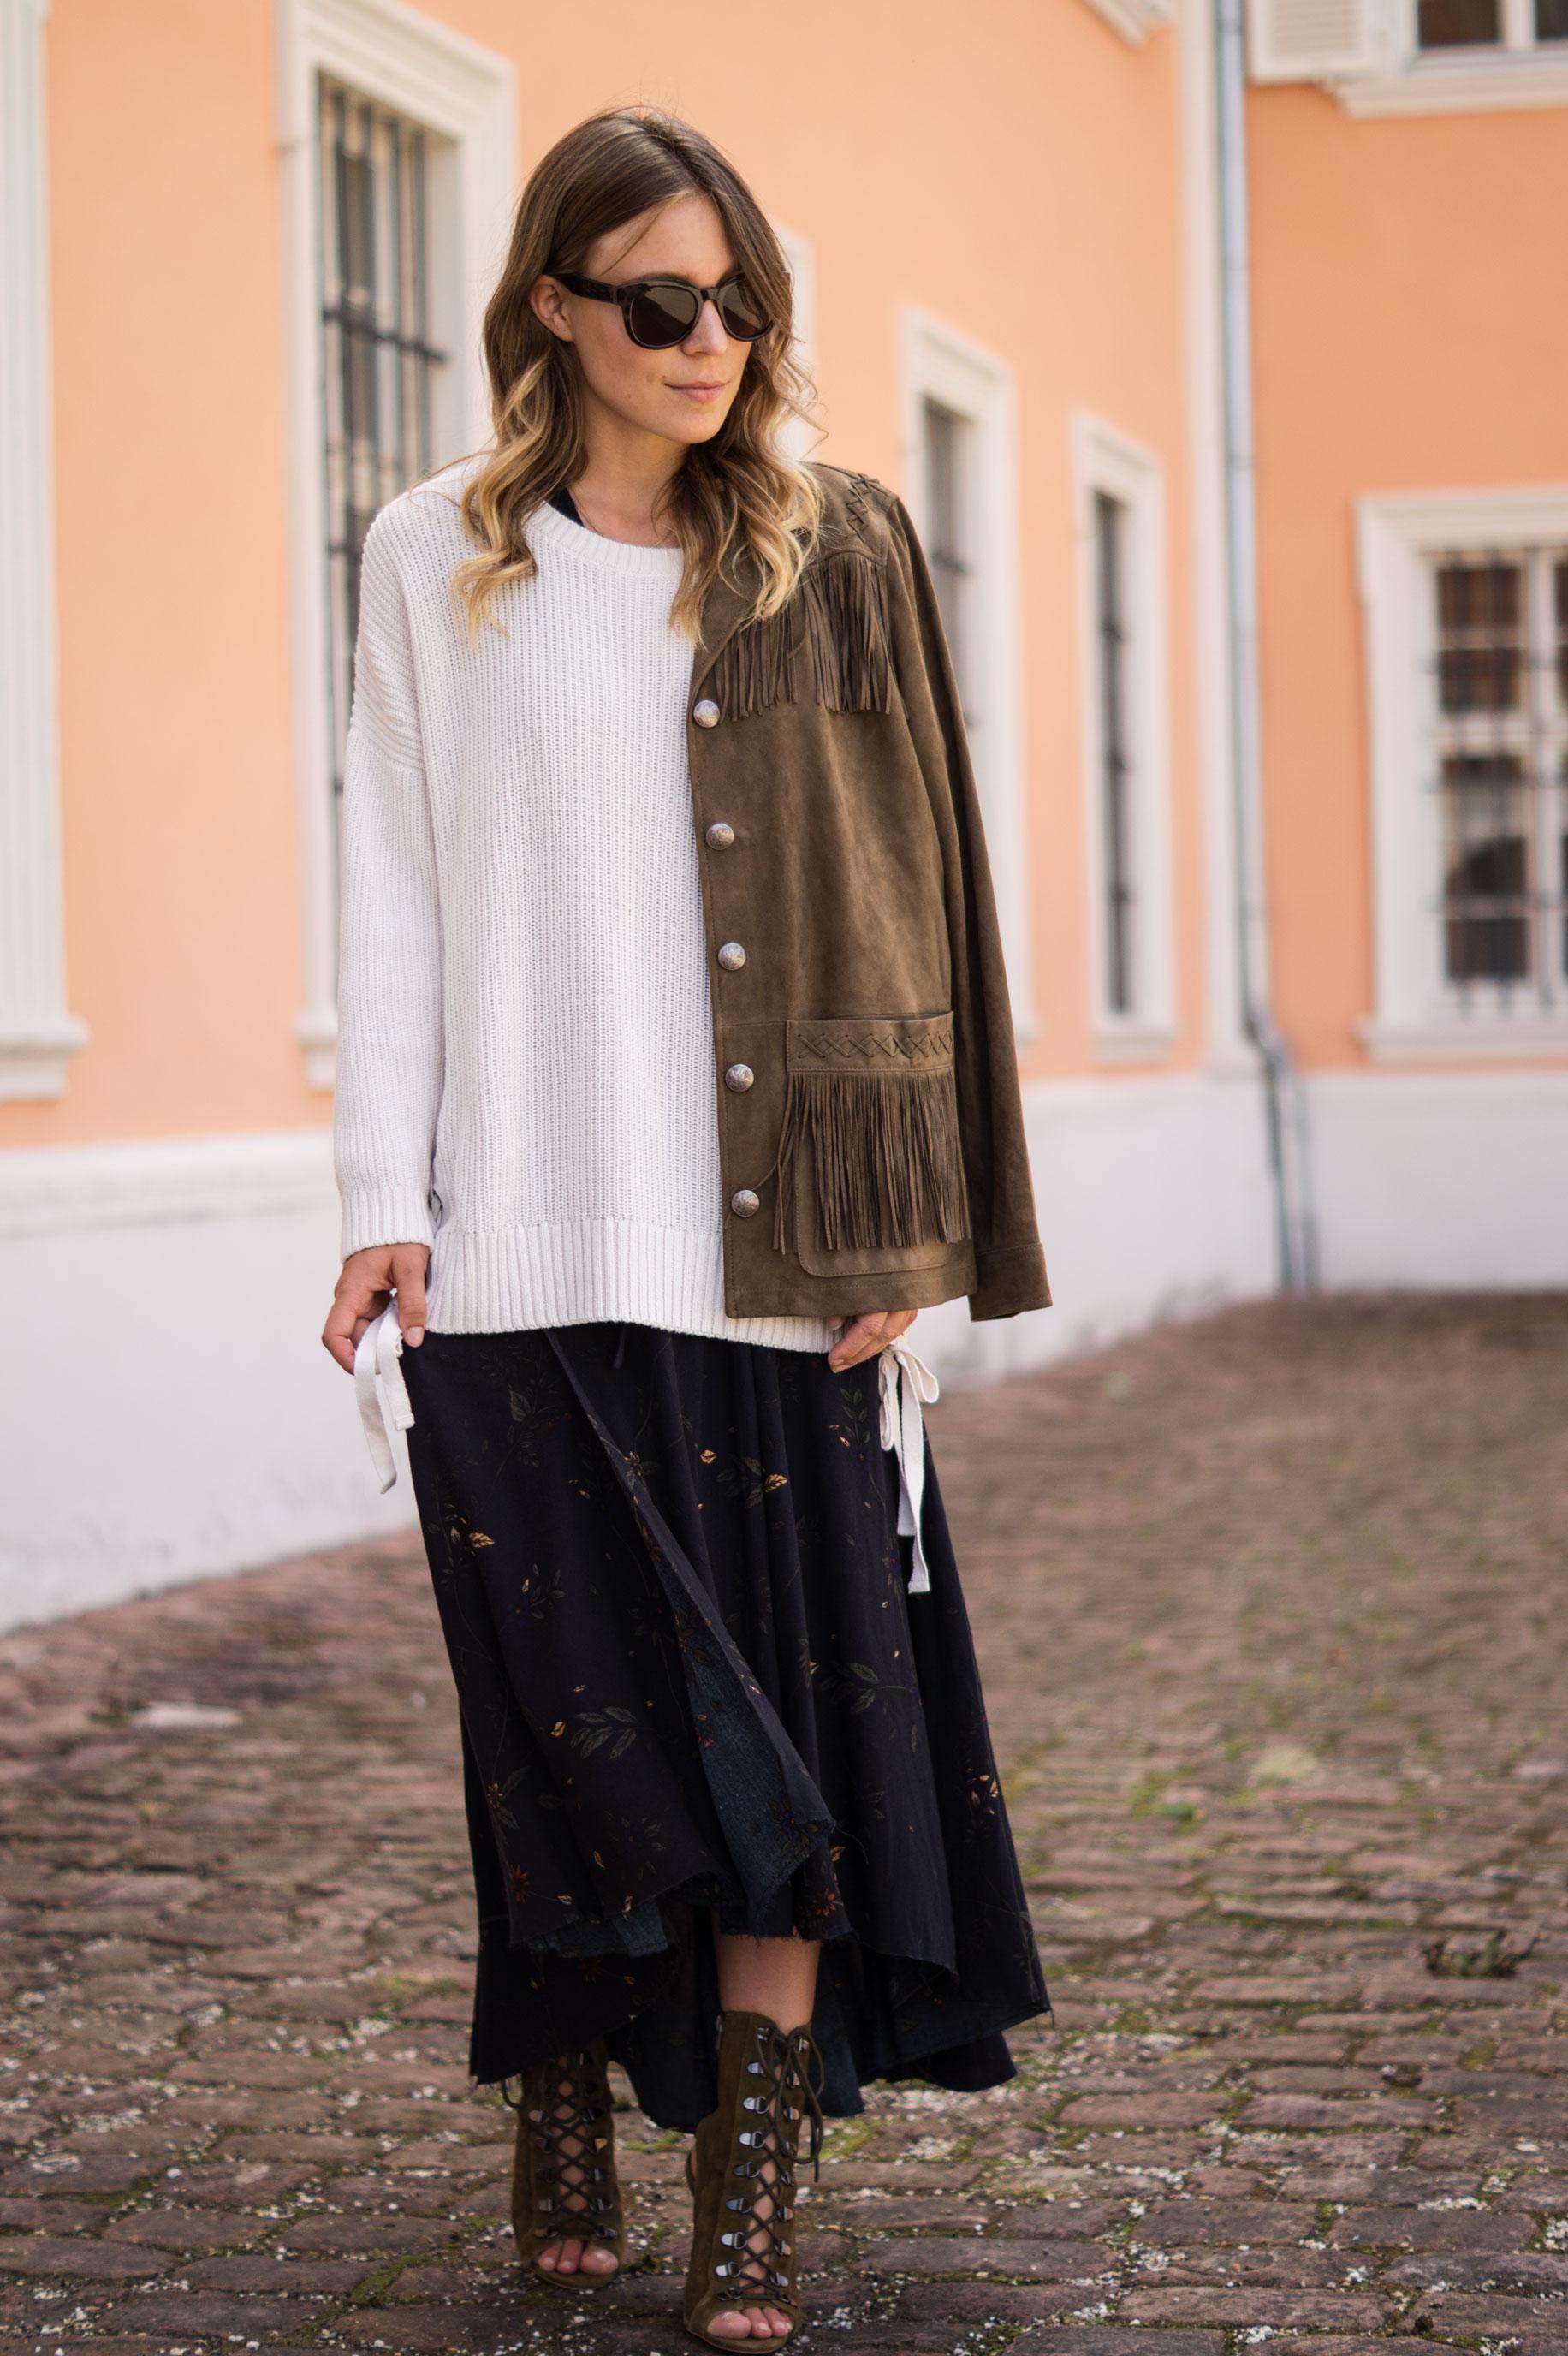 Fall Layers Herbstlook Fransenjacke Wildlederjacke Lace Up Heels Sariety Sarah Schaefer Modeblog Heidelberg_11